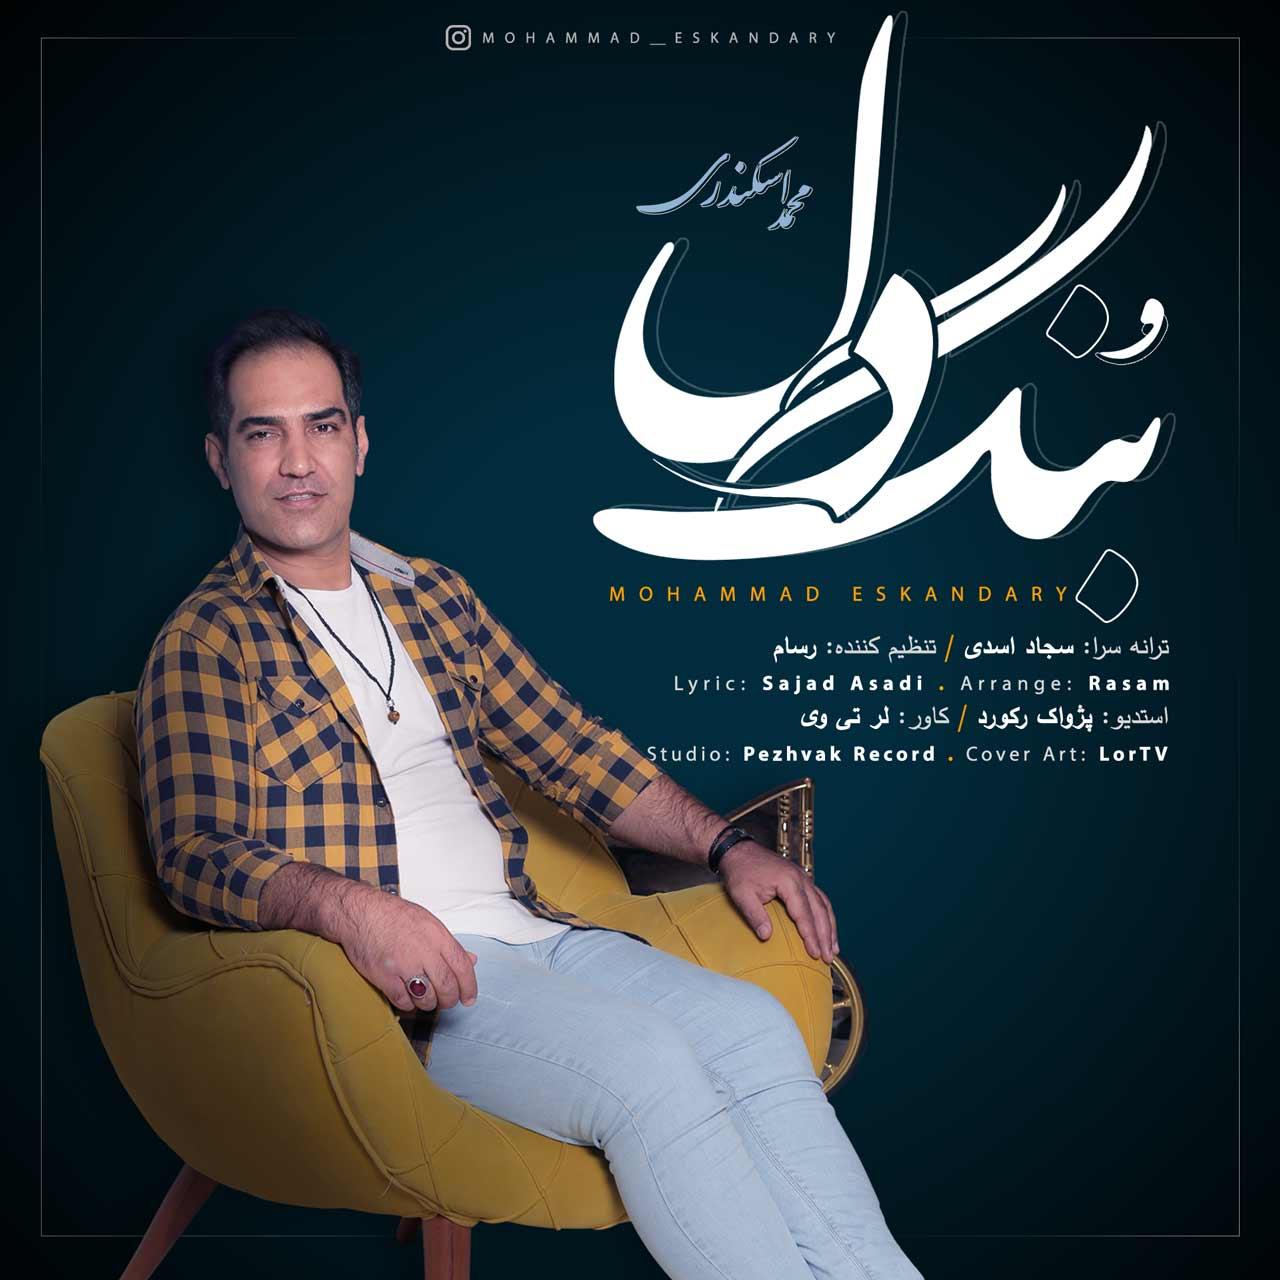 دانلود آهنگ لری بنگ دل از محمد اسکندری